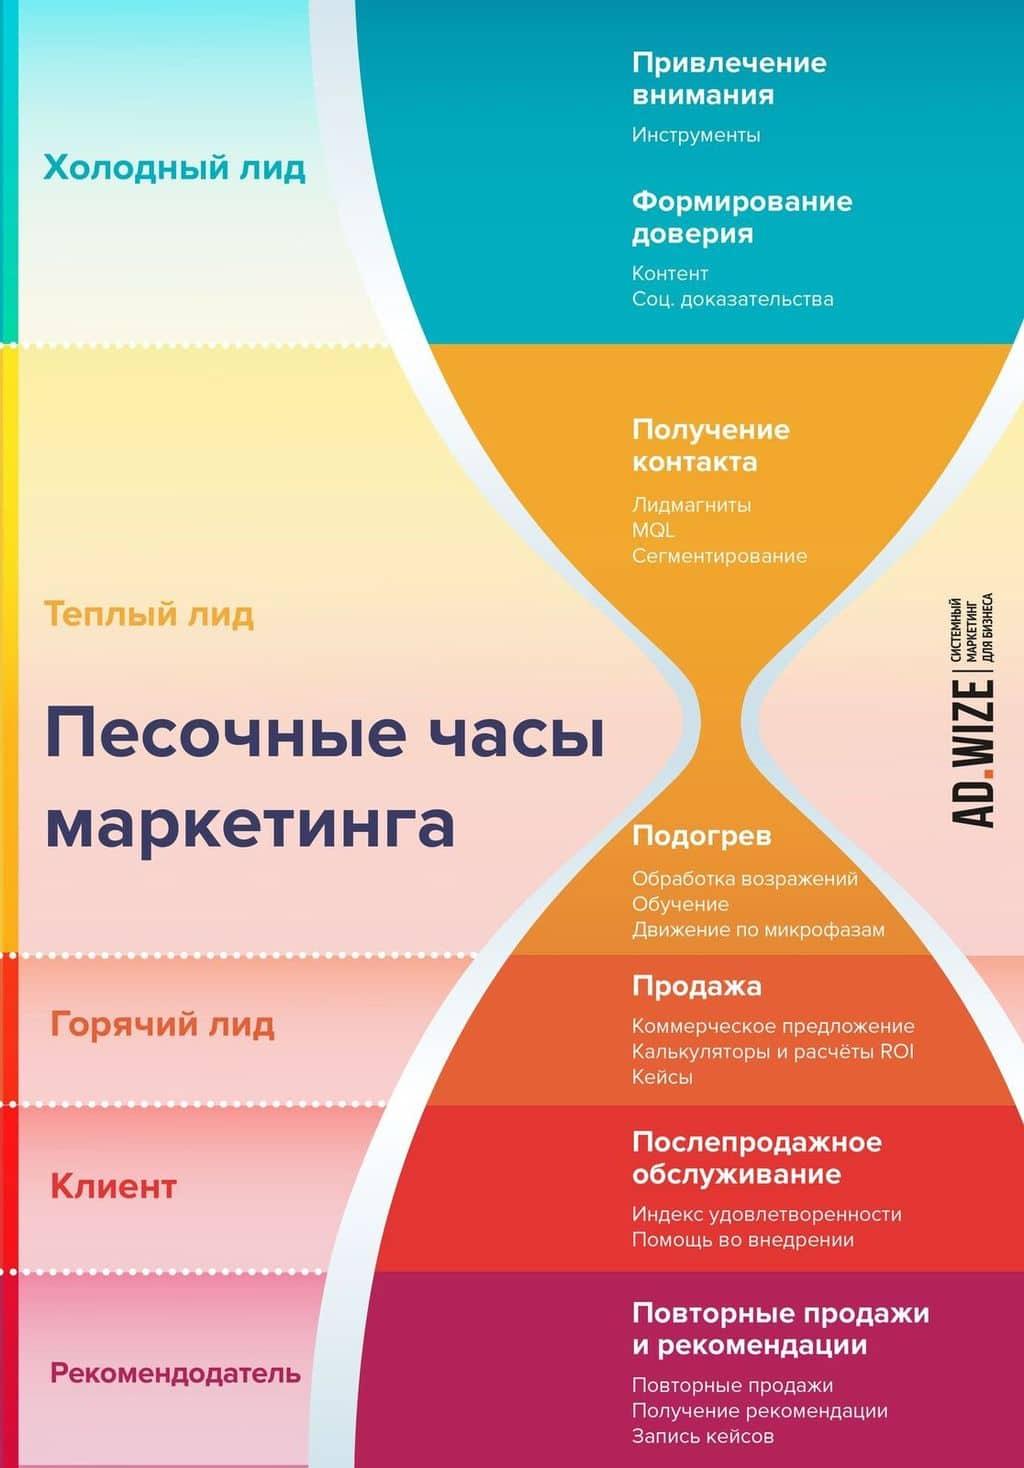 Система маркетинга: как уйти от маркетингового хаоса и создать стабильный поток потенциальных клиентов